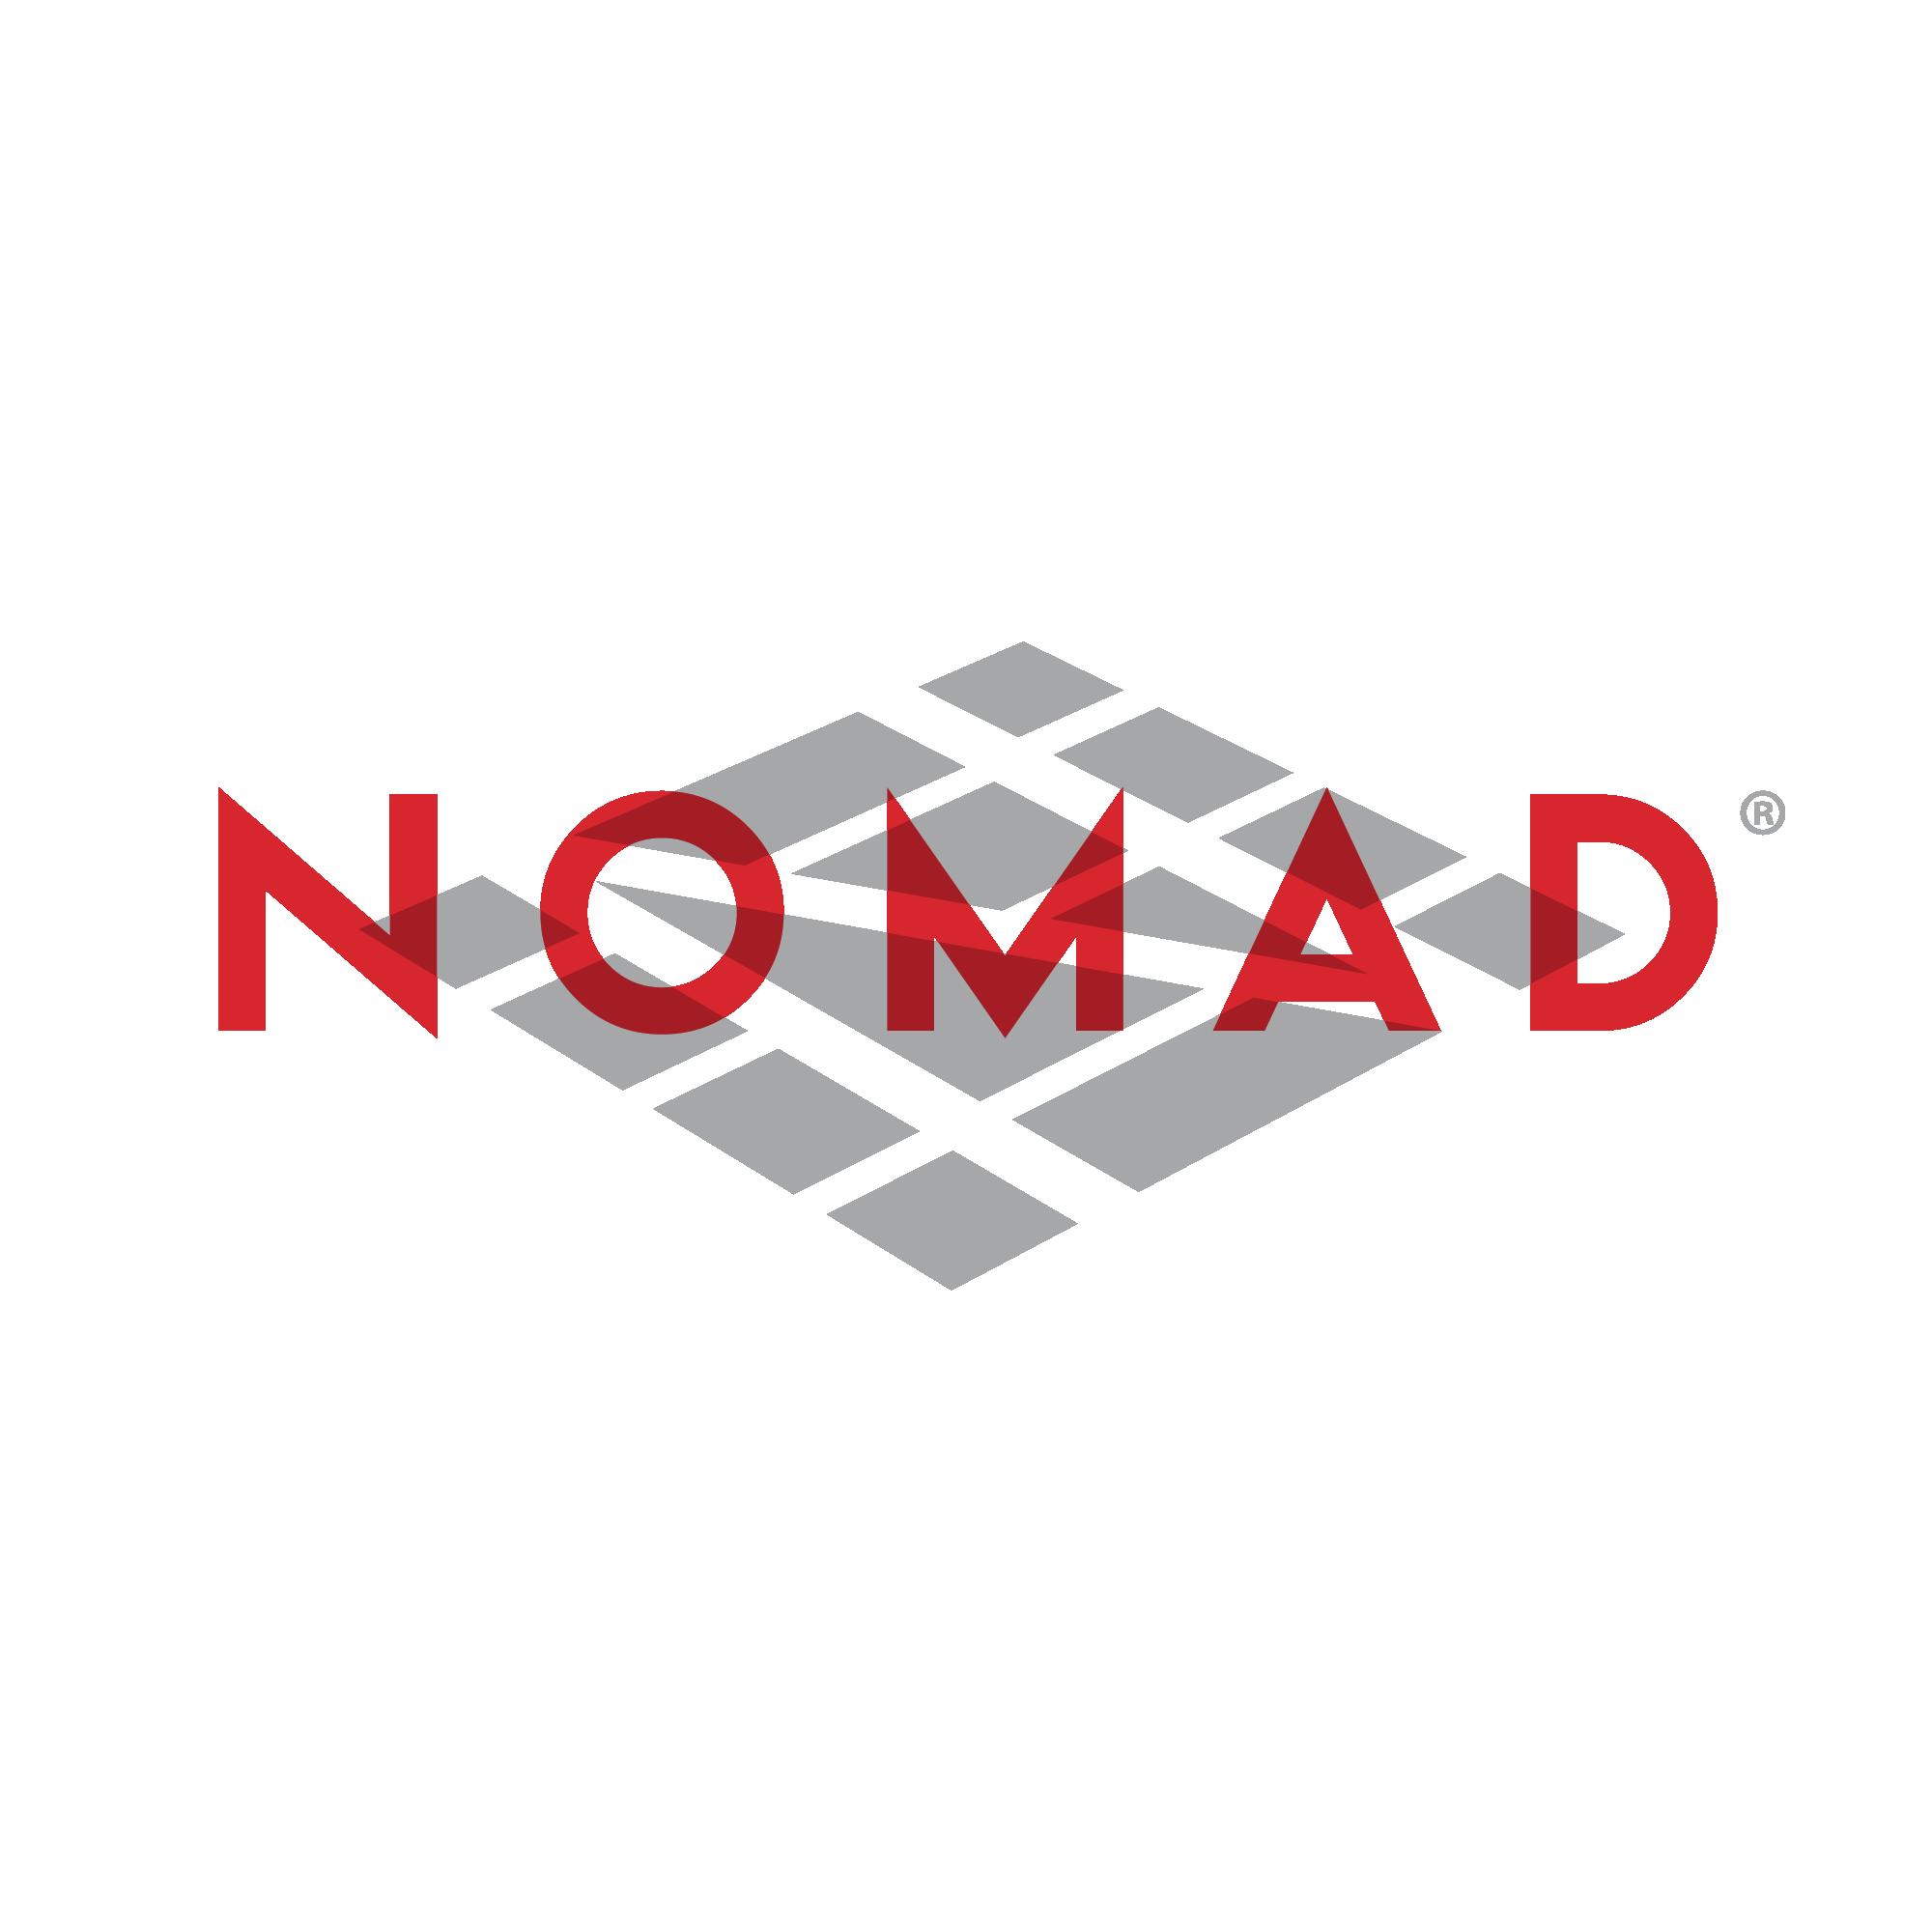 NoMad Alliance